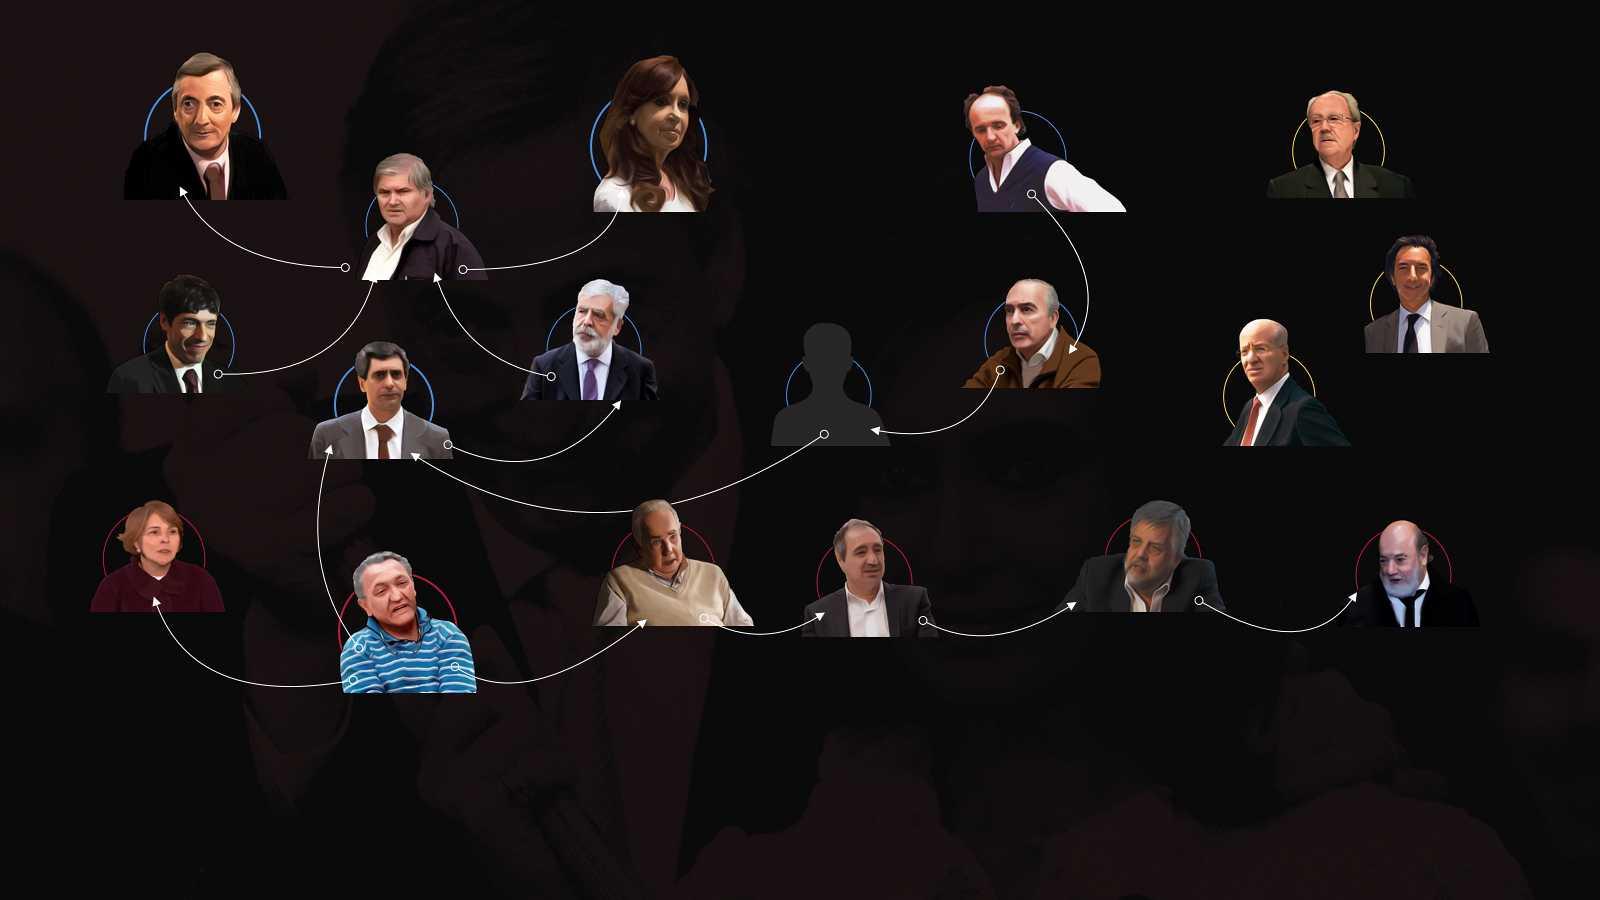 ¿Quiénes son los implicados en la trama corrupta de los 'Cuadernos de coimas'?